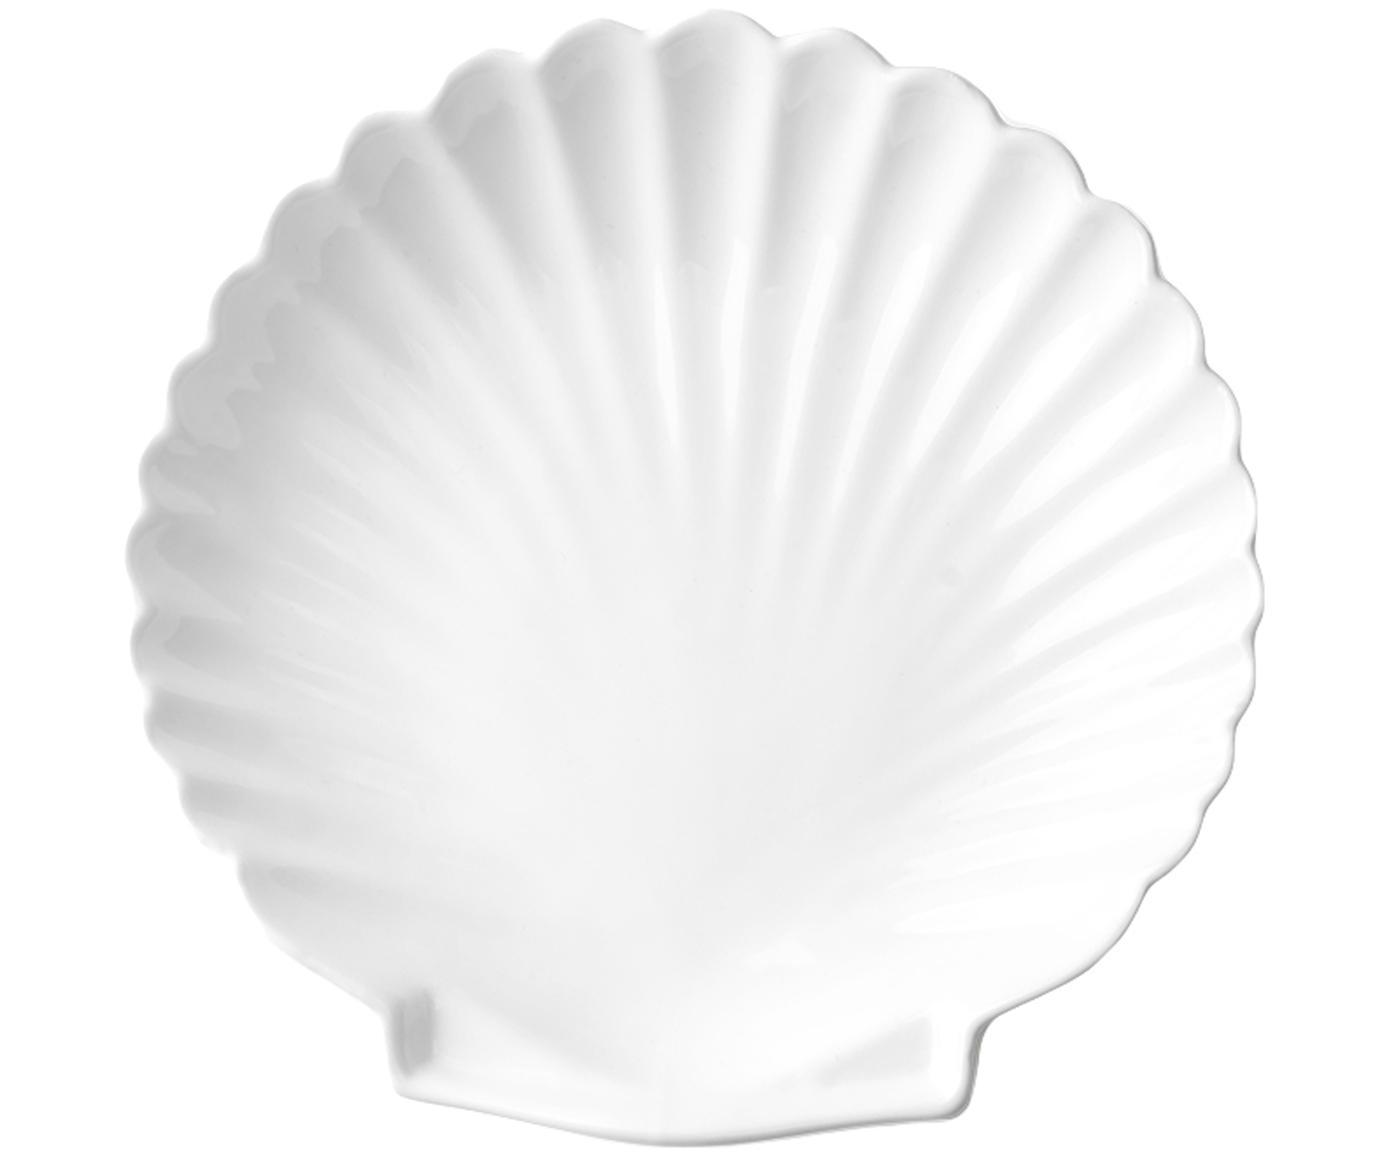 Piatto piano Shell 2 pz, Ceramica, Bianco, Ø 20 cm